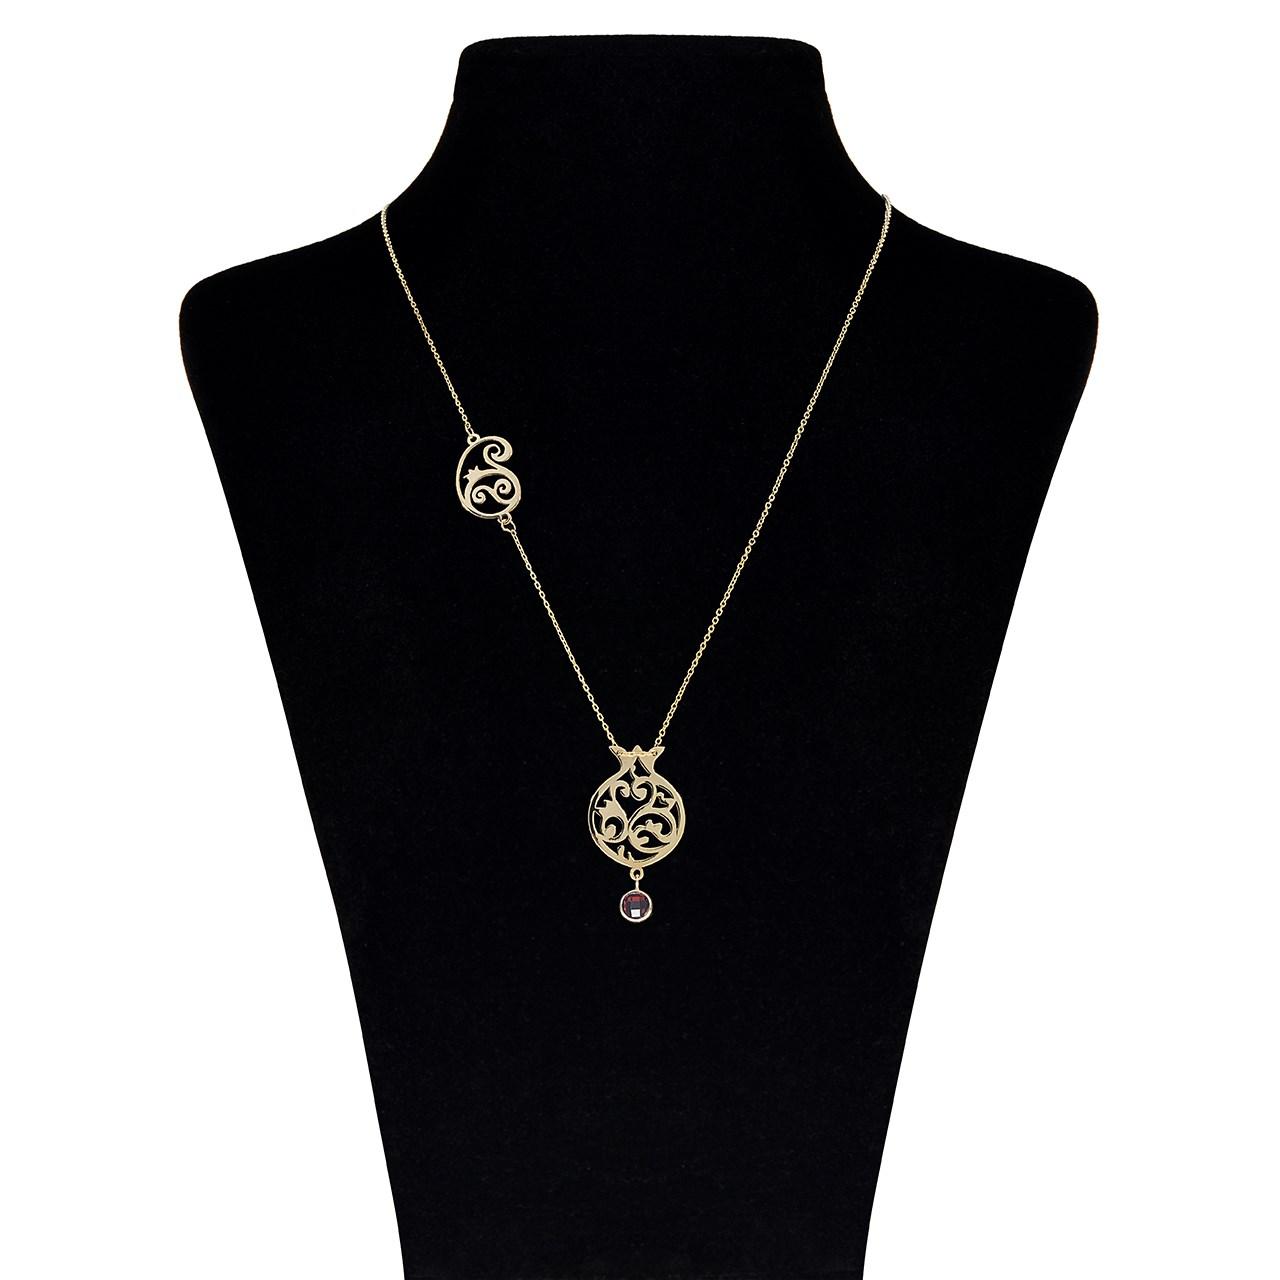 قیمت گردنبند طلا 18 عیار ماهک مدل MM0606 - مایا ماهک